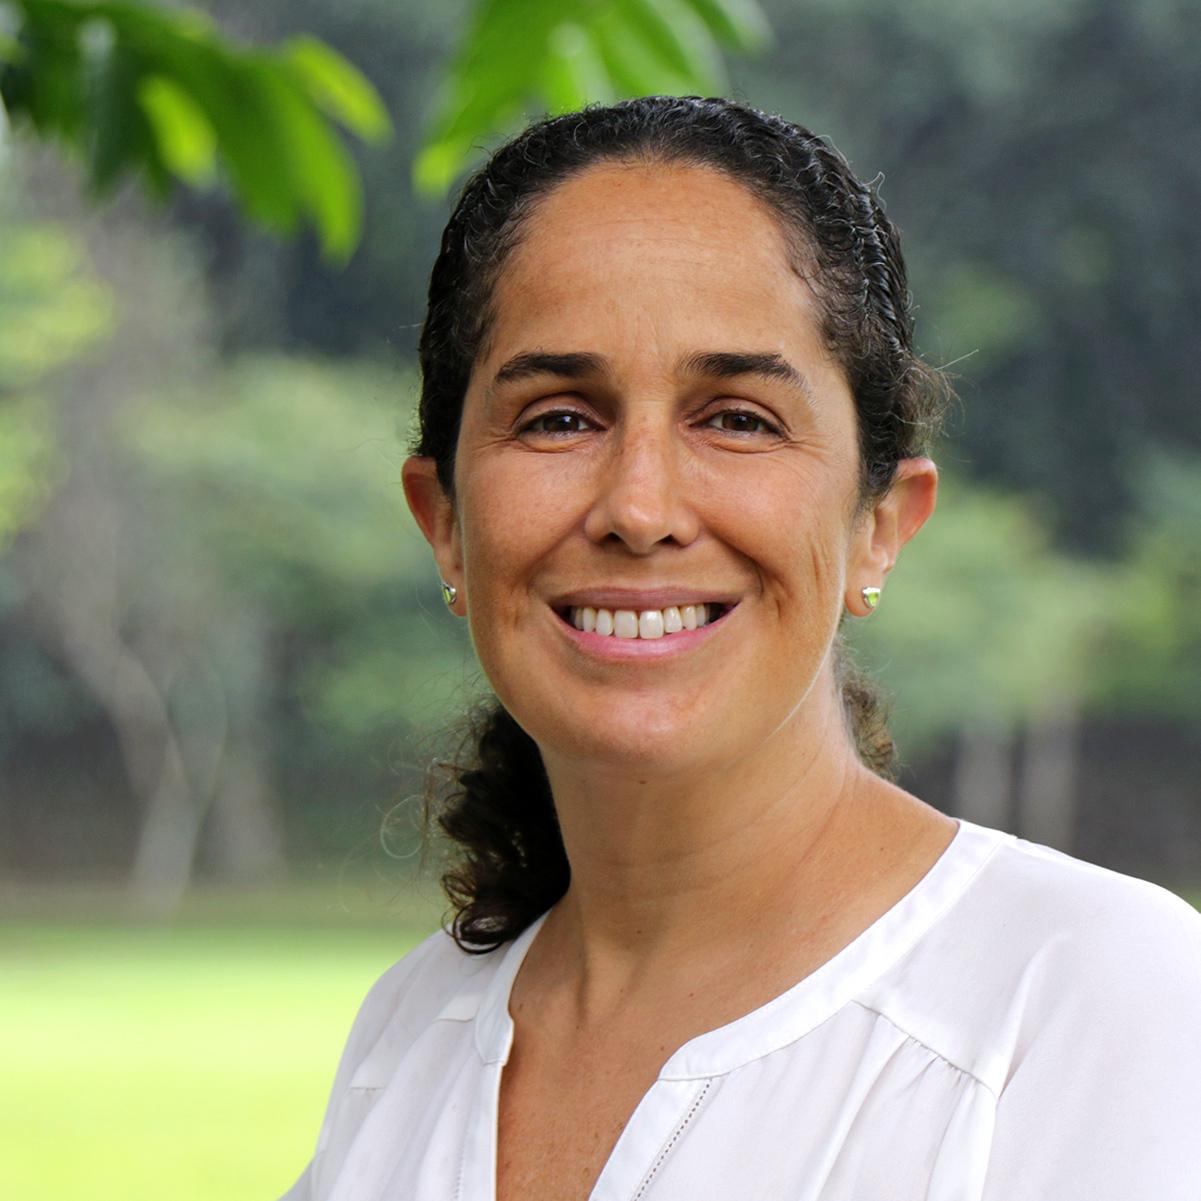 Katy de la Garza Directora Ejecutiva Asociación Costa RIca por Siempre